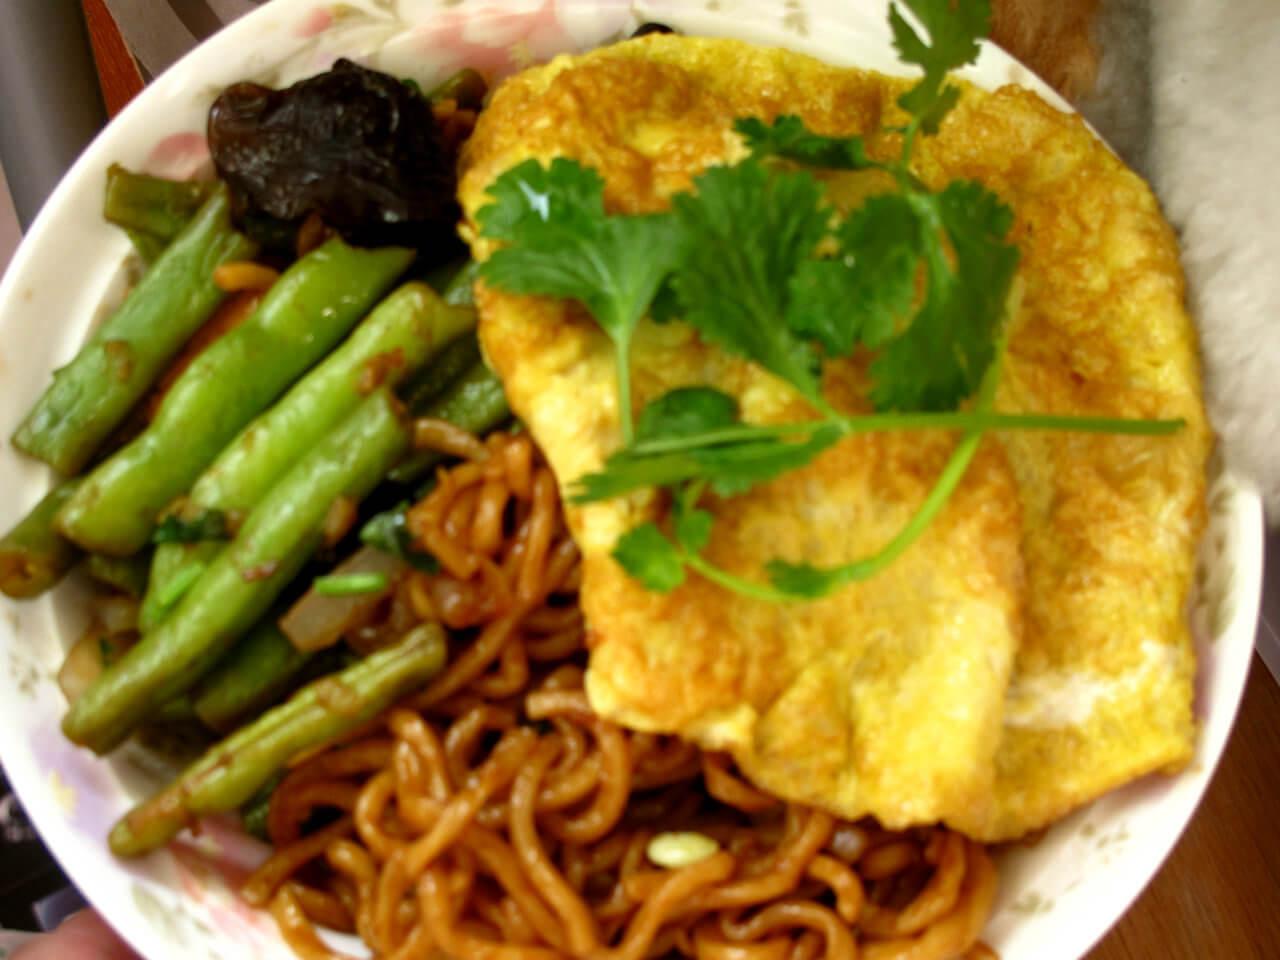 老北京扁豆焖面面食品牌介绍图2